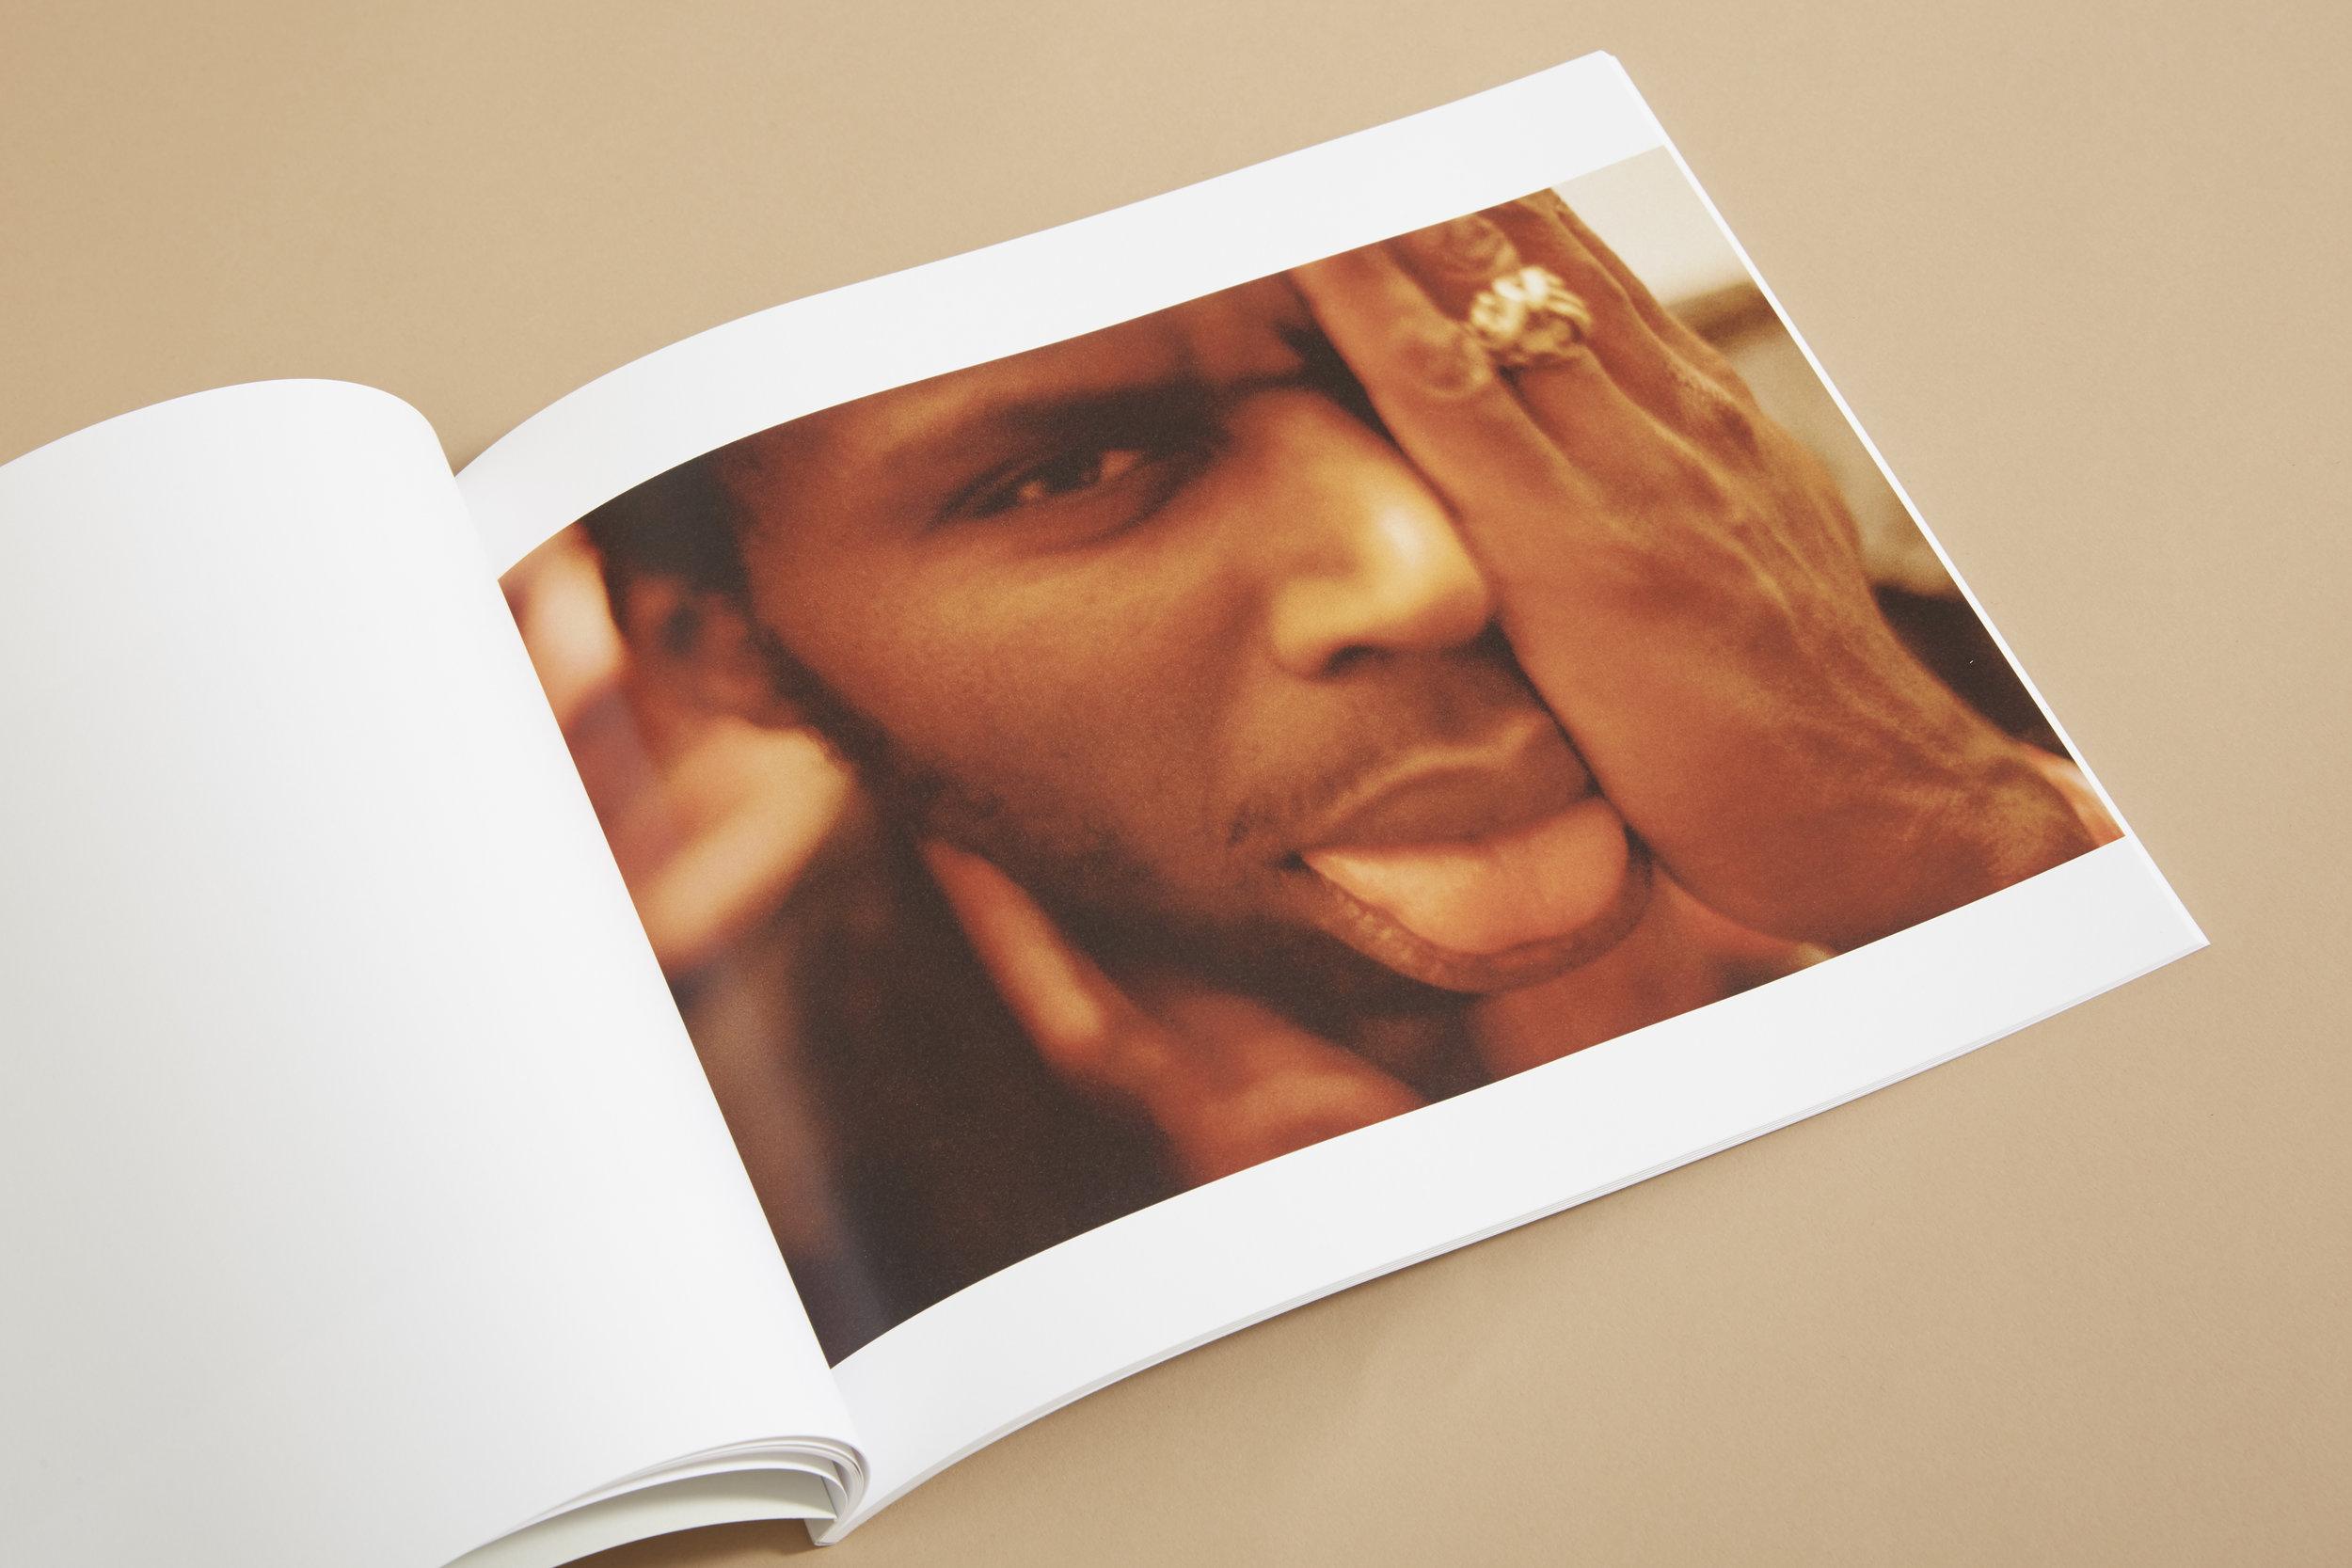 Kissed Face 15.jpg